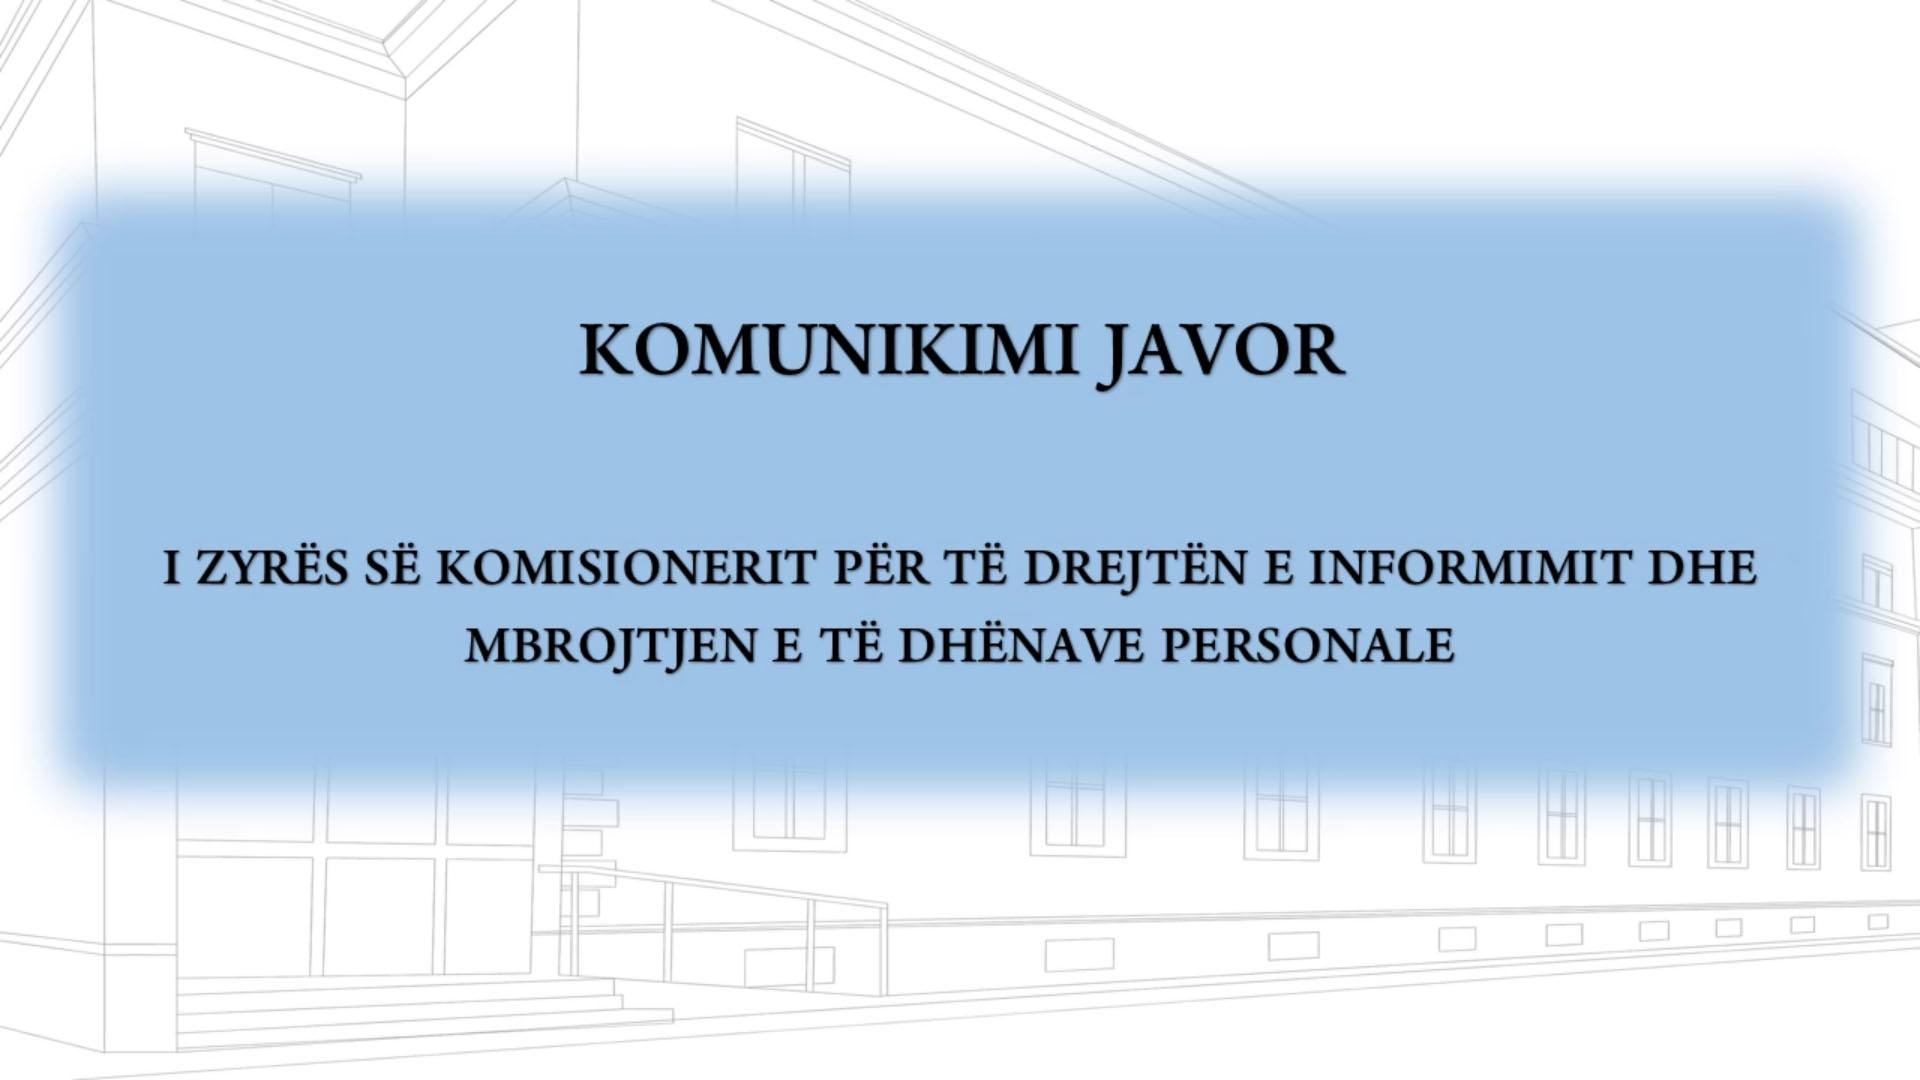 Komunikimi javor i Zyrës së Komisionerit në video